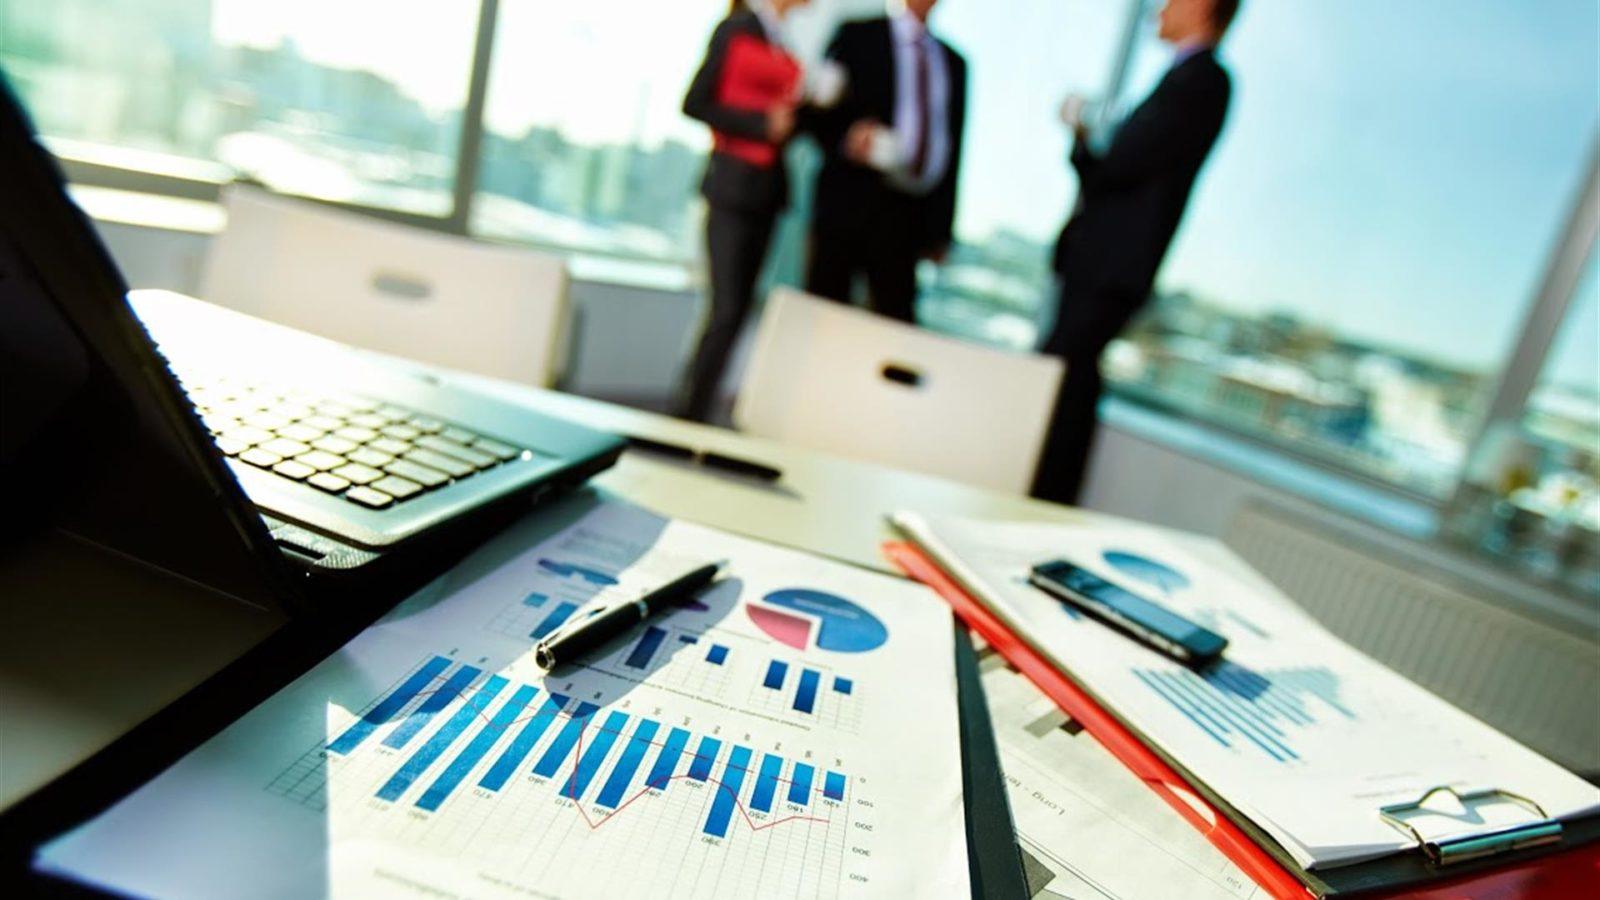 Manajemen Bisnis: Pengertian Lengkap dan Tips Mengelolanya